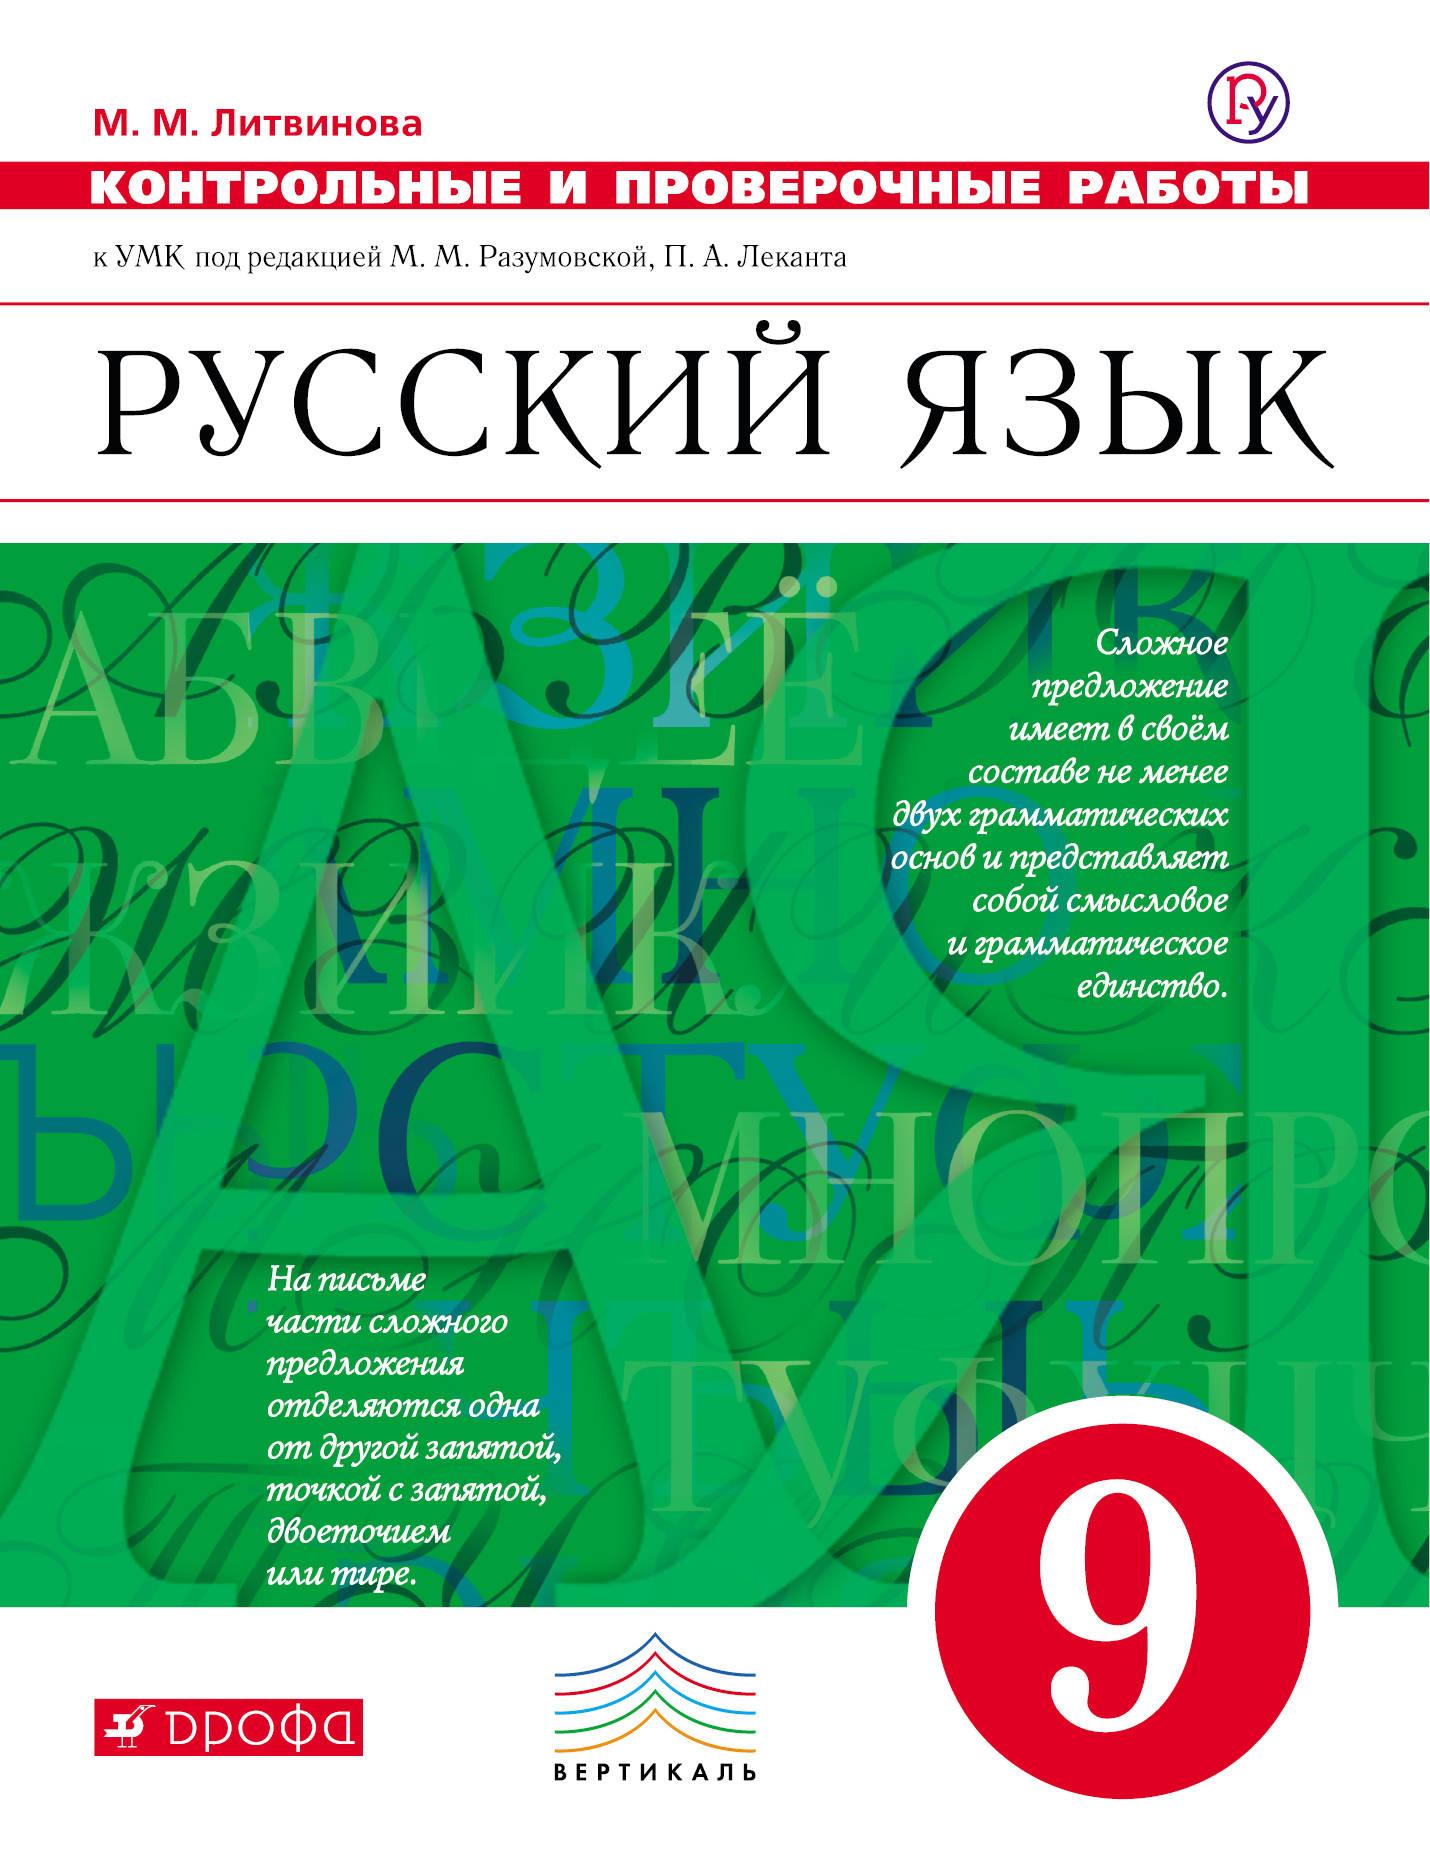 М. М. Литвинова Русский язык. 9 класс. Контрольные и проверочные работы